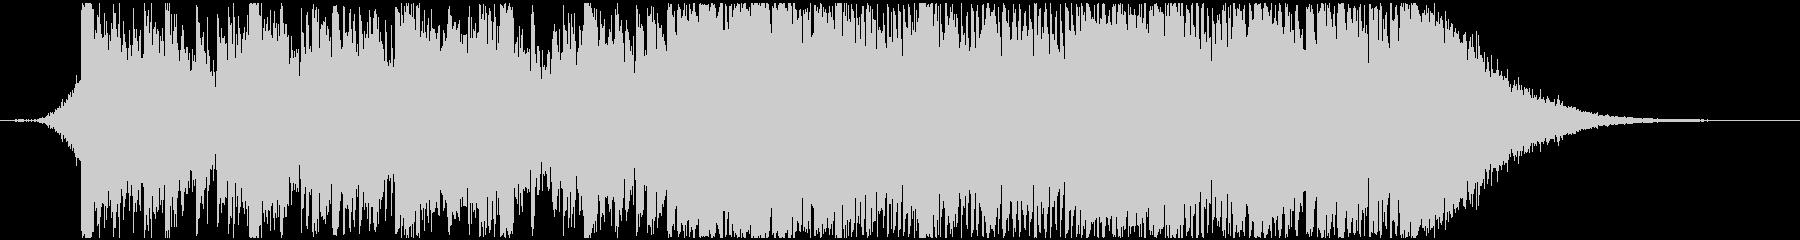 日本的なイメージのパーカッシブなBGM2の未再生の波形